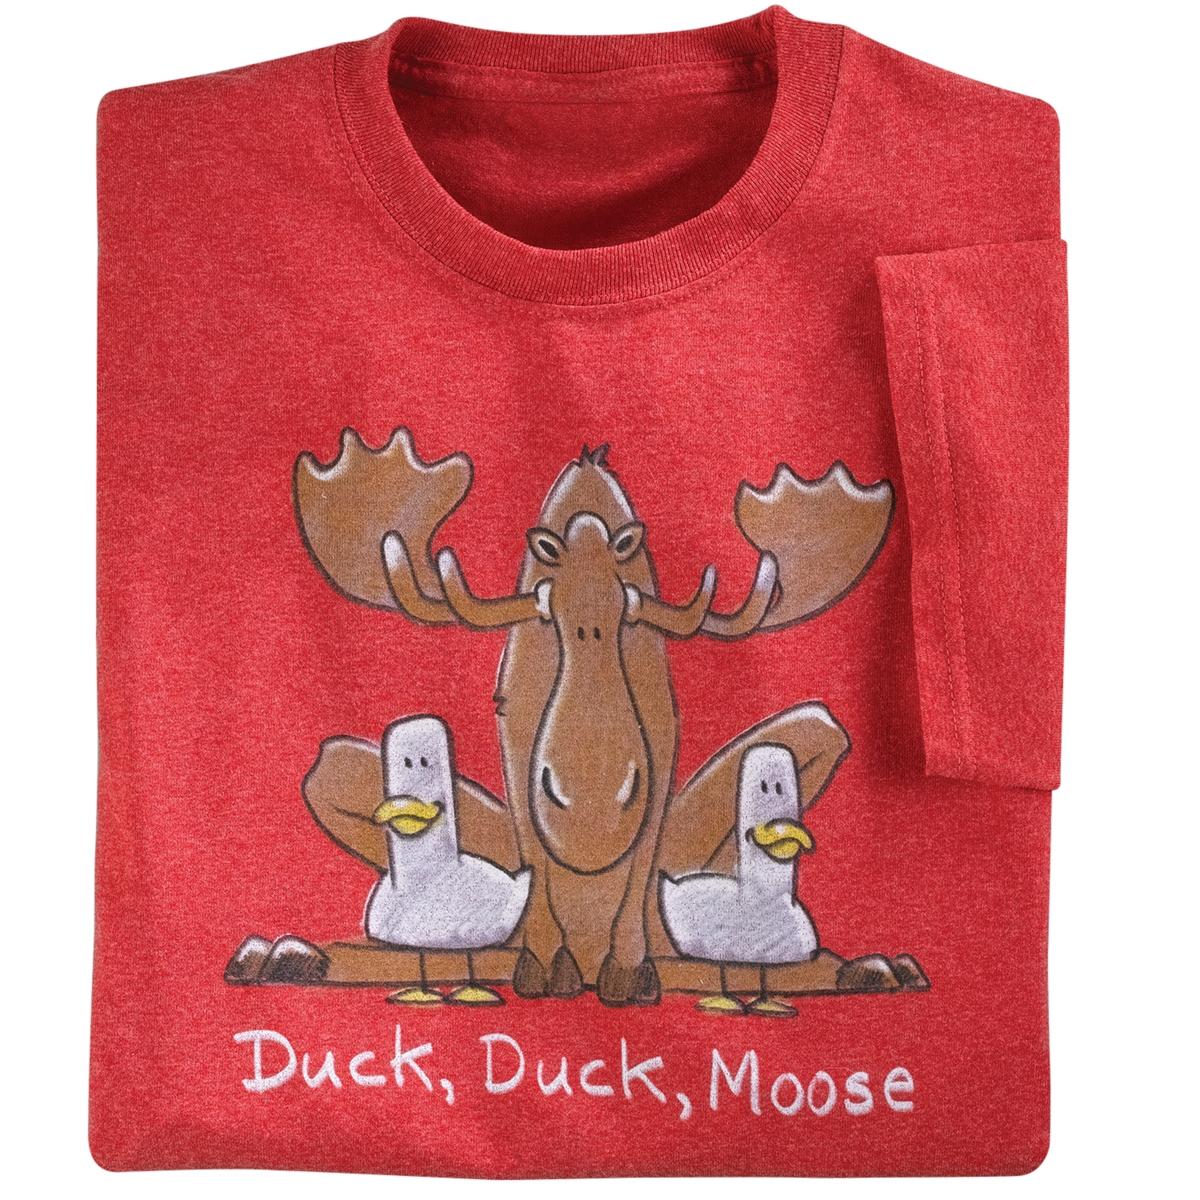 Duck, Duck, Moose Tee